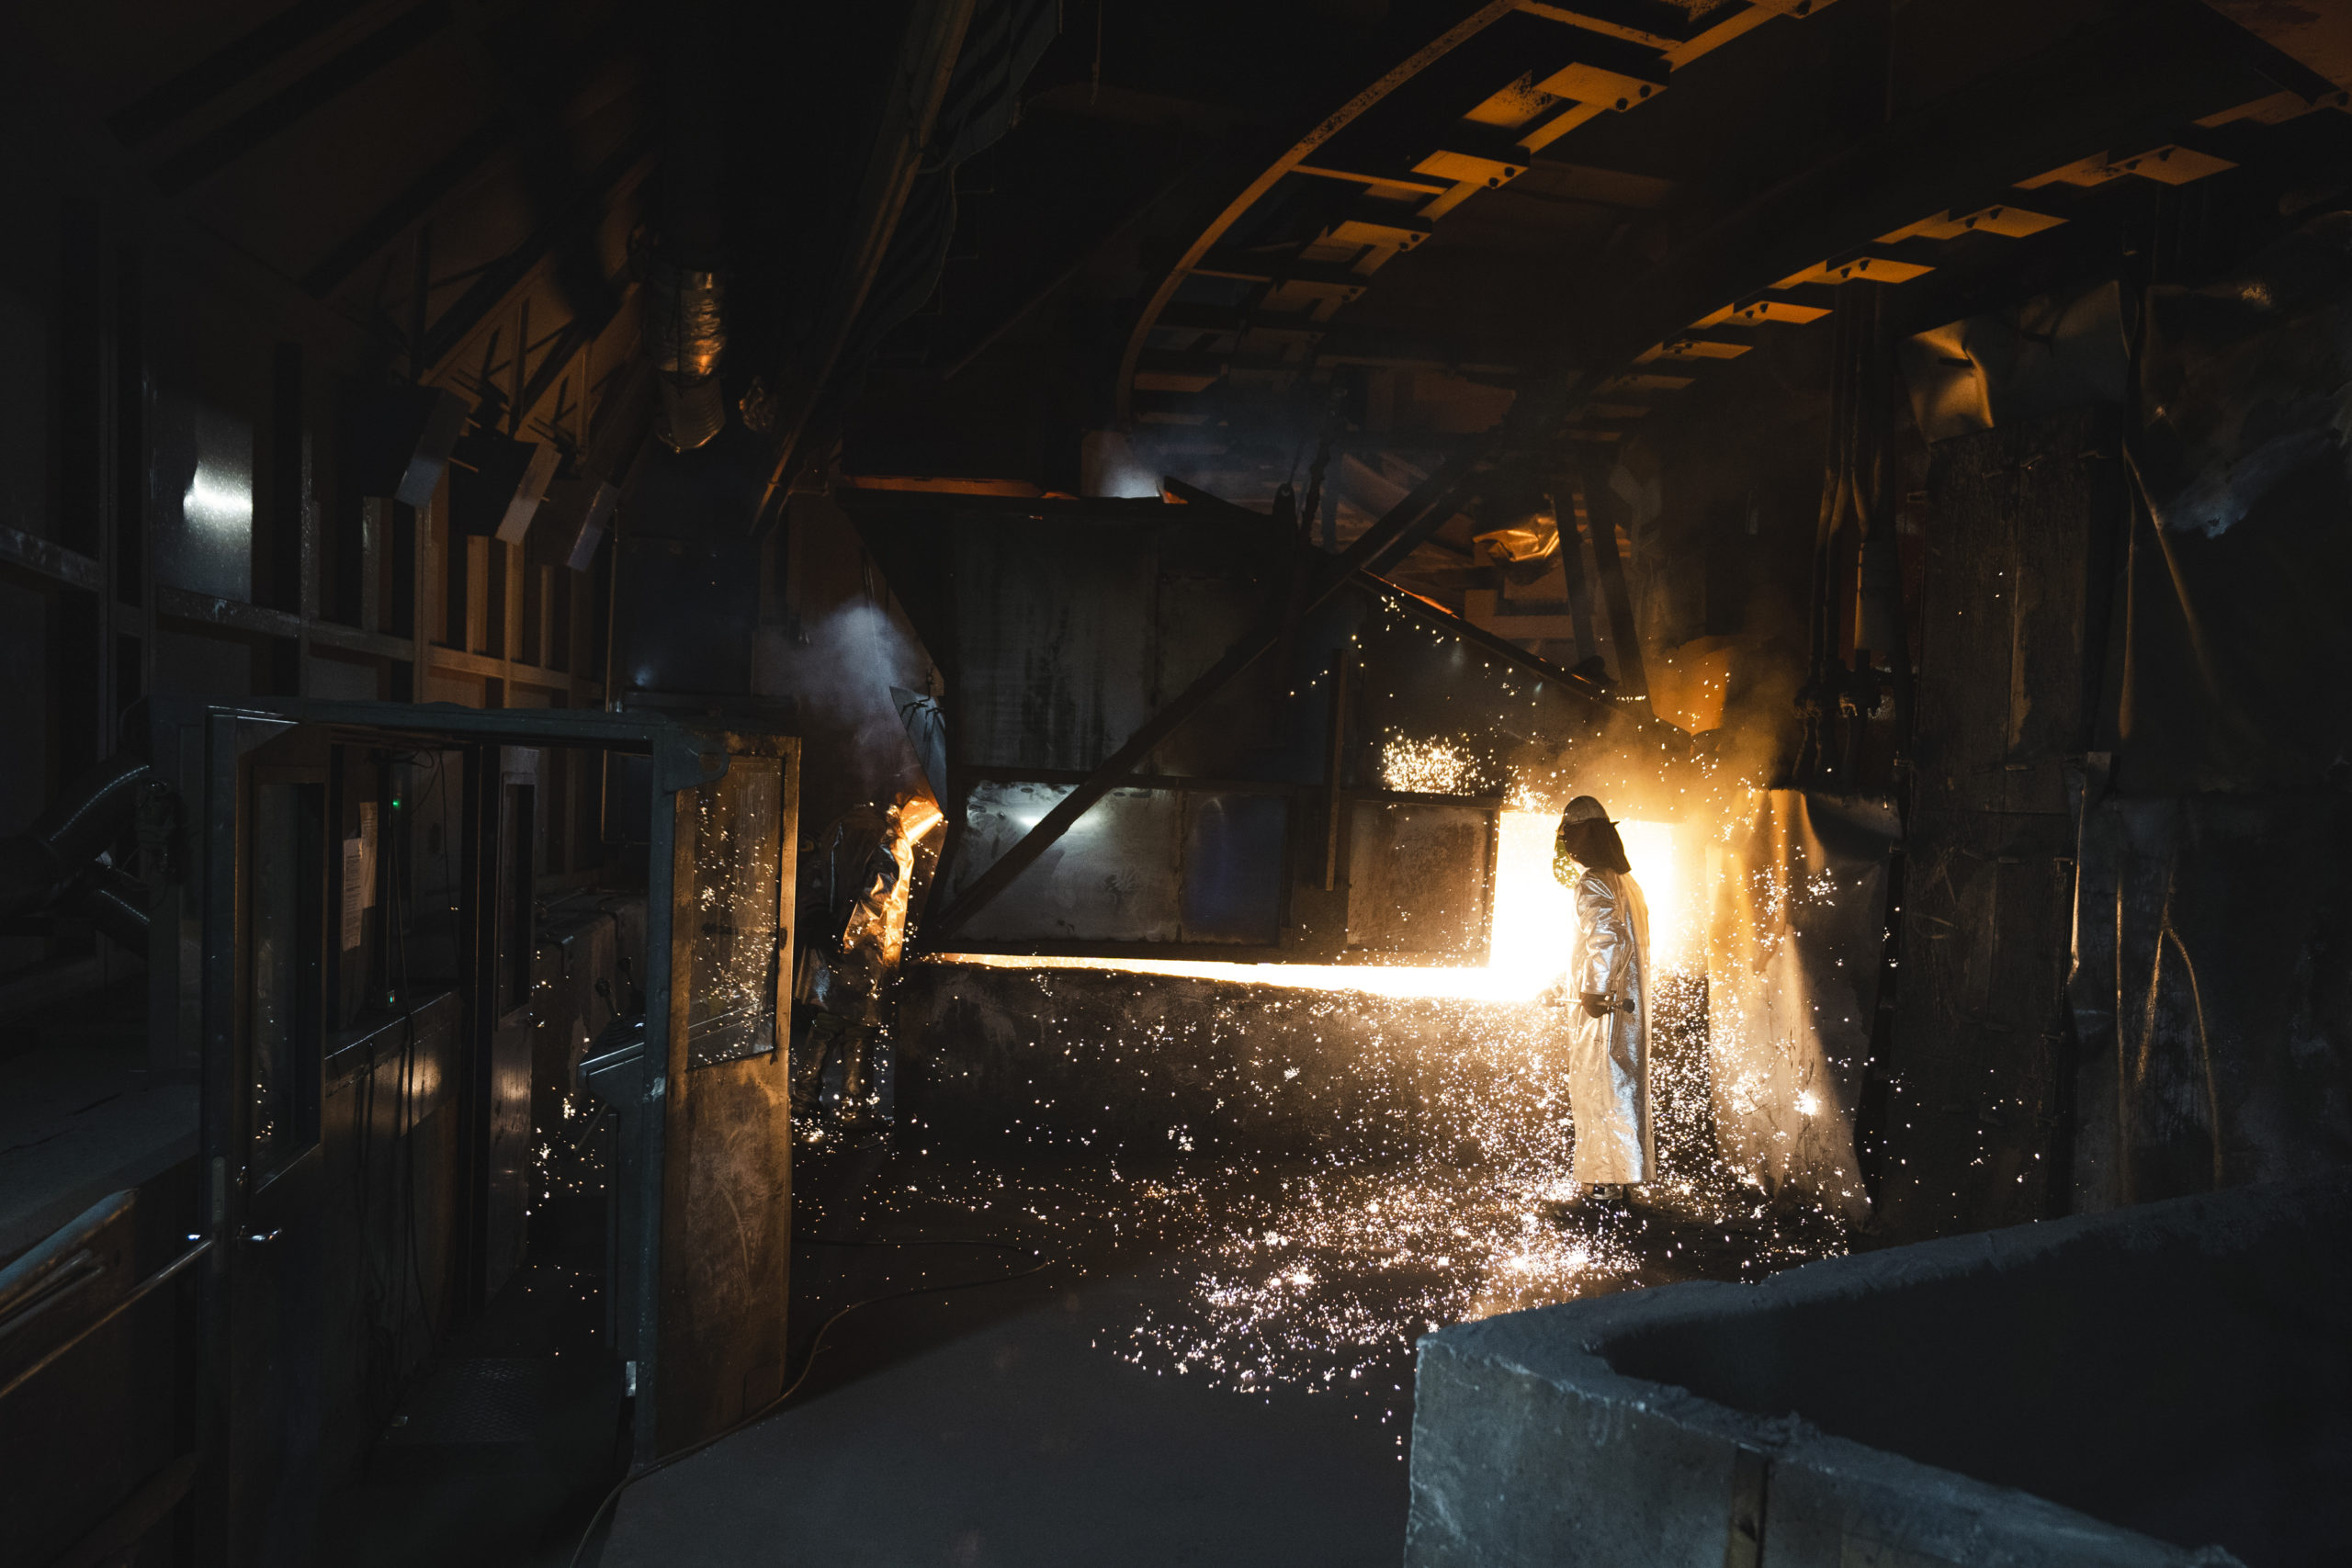 Arbeidar i produksjonslokale i industien. Foto: Skarv Studio